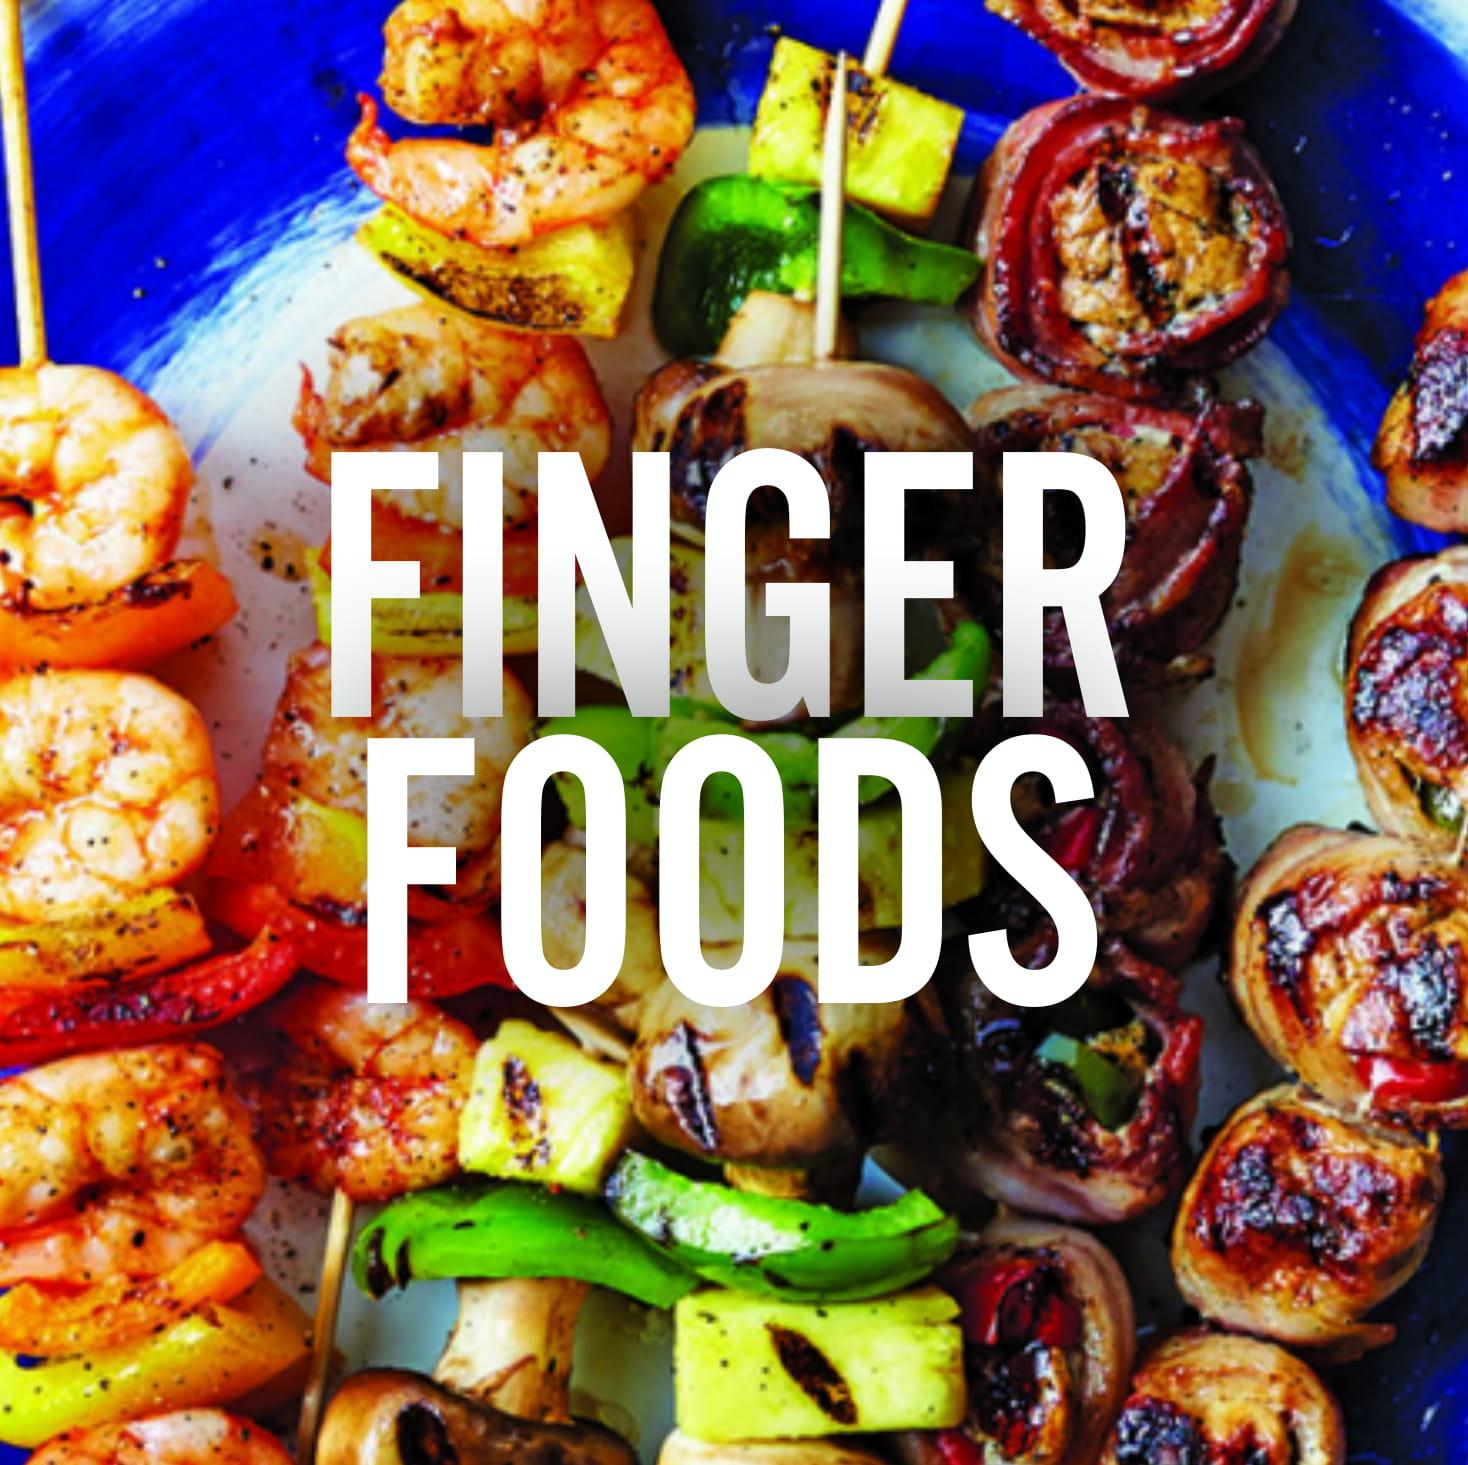 3fingerfoods-1.jpg